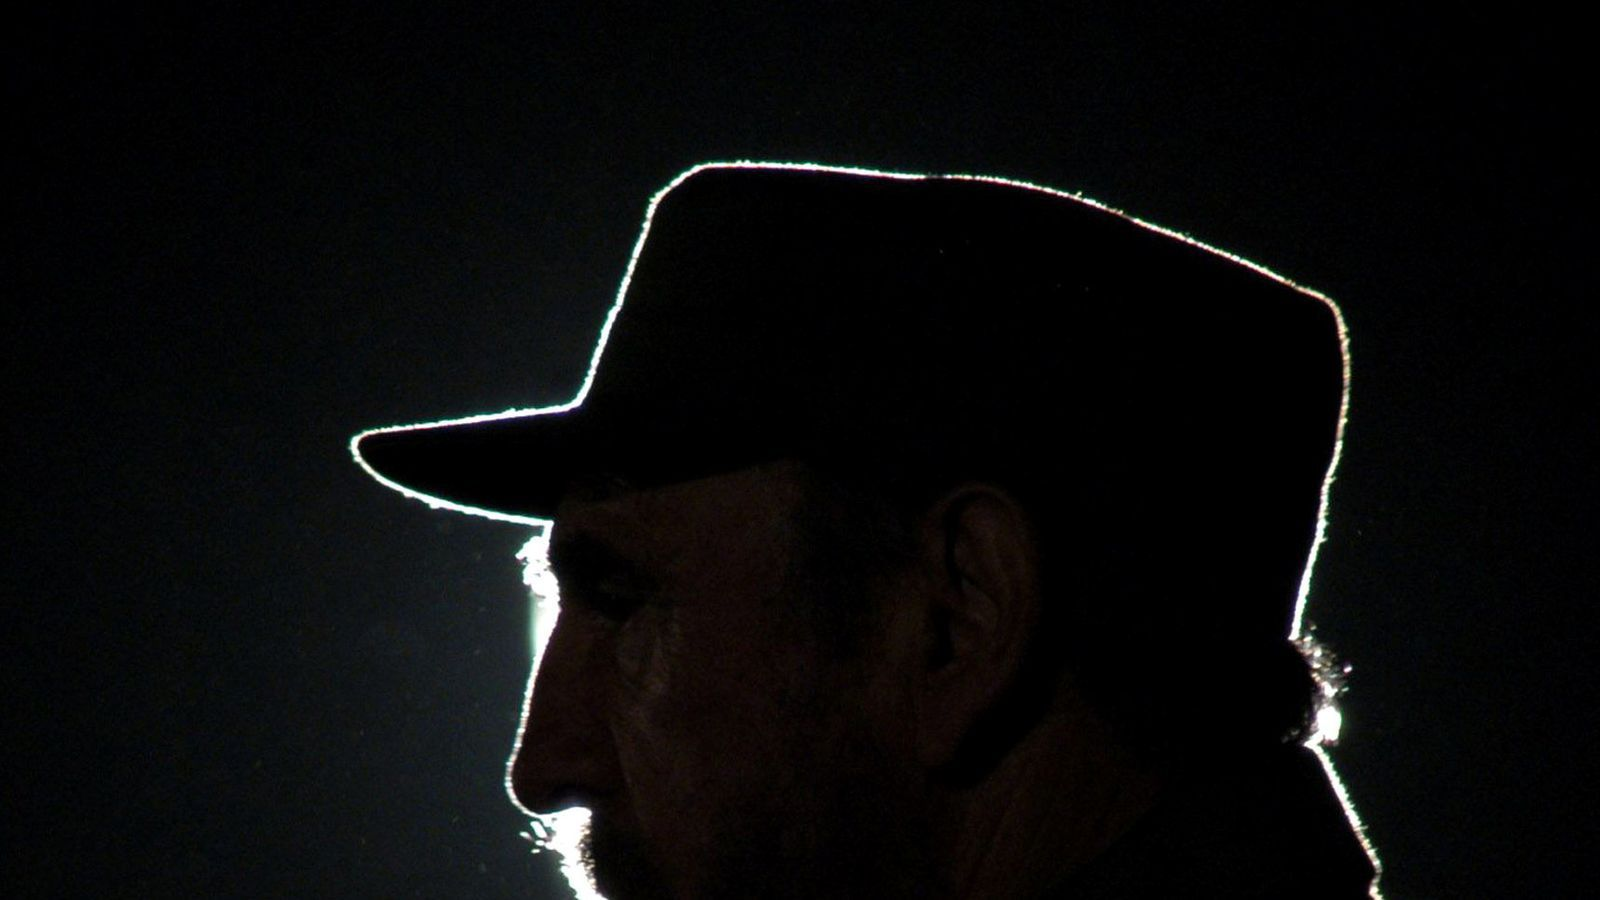 Castro es va forjar una imatge llegendària com a gran líder de la Revolució cubana i de l'antiimperialisme. / STRINGER / REUTERS